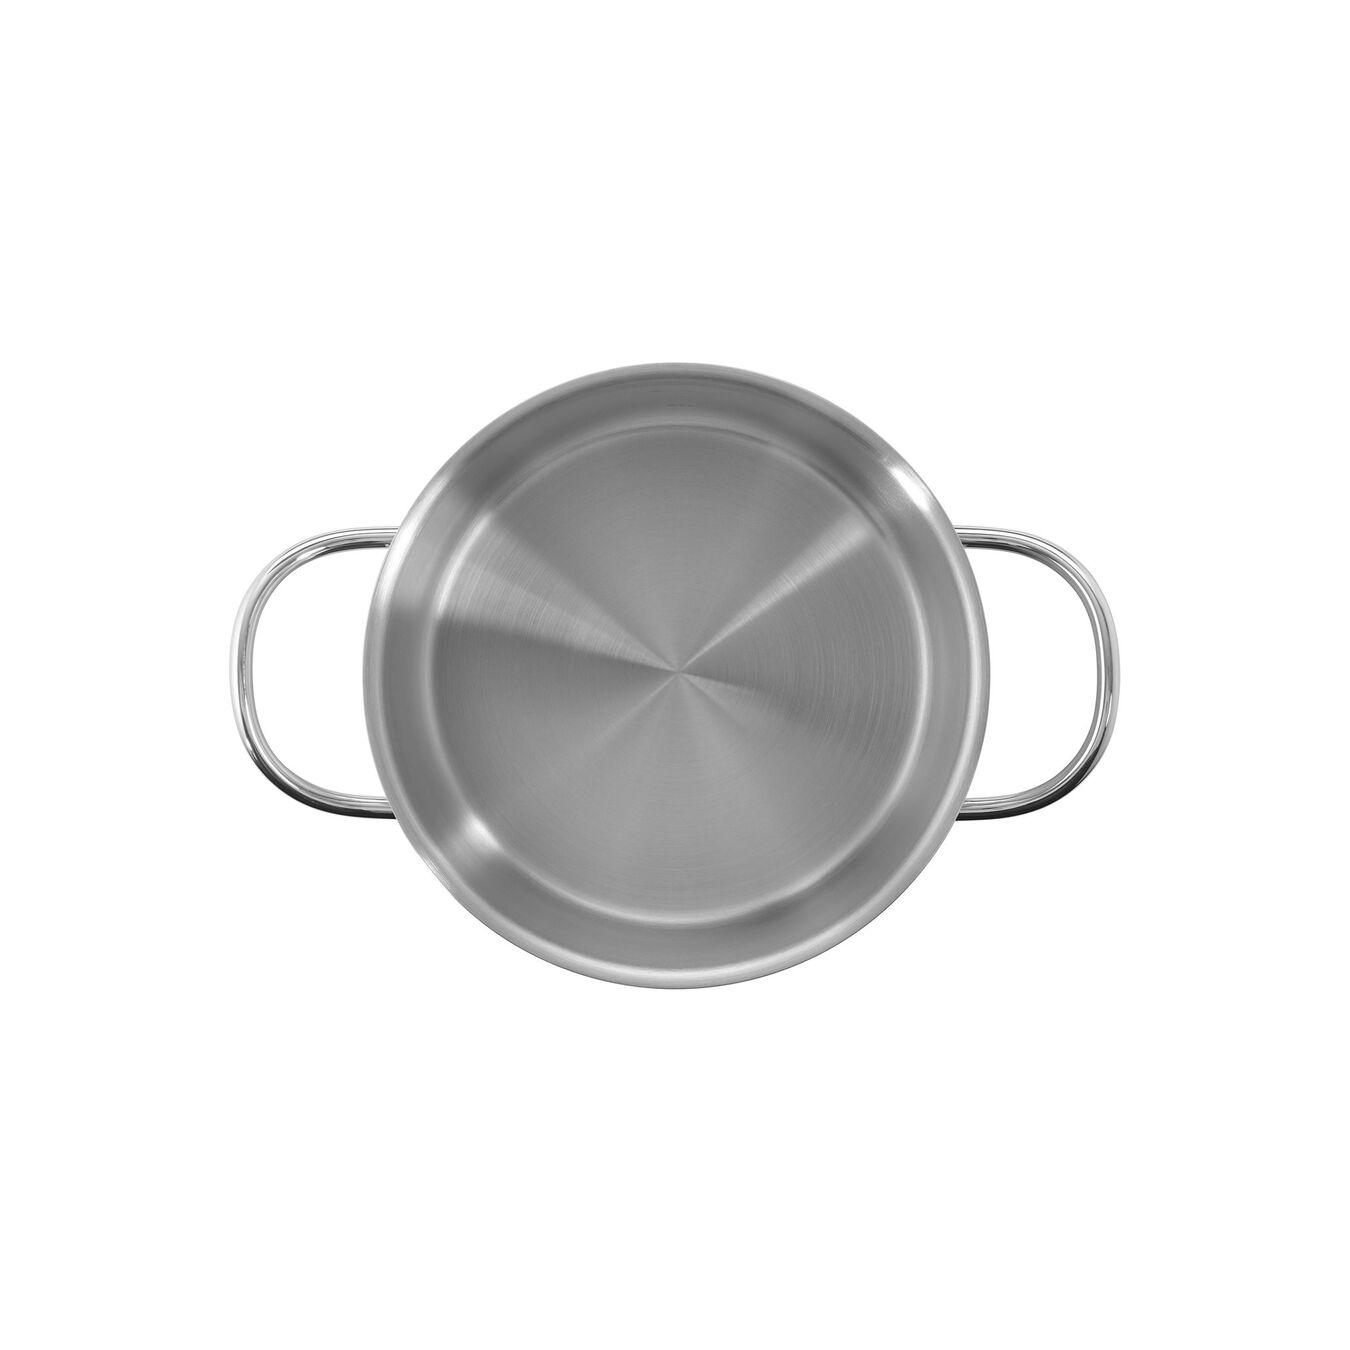 Pentola - 16 cm, acciaio,,large 7